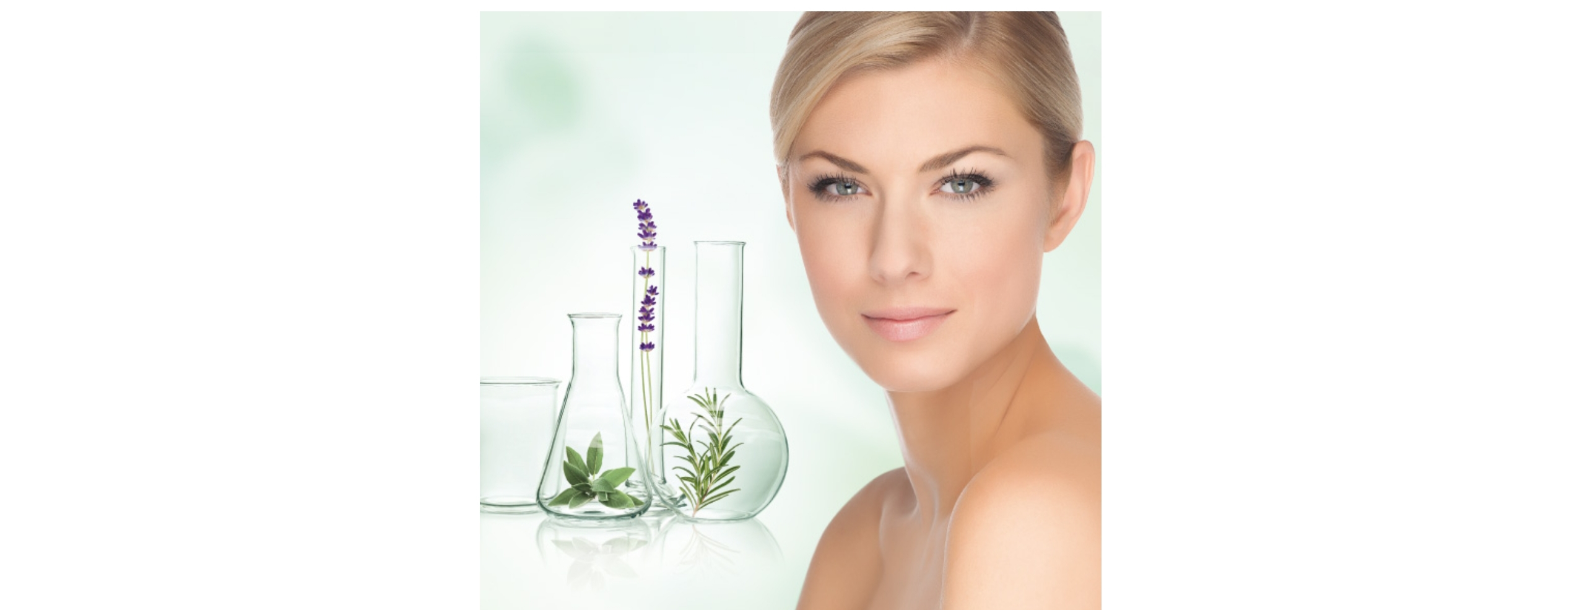 תכשירים לאנטי אייג'ינג - Yvonne Cosmetics